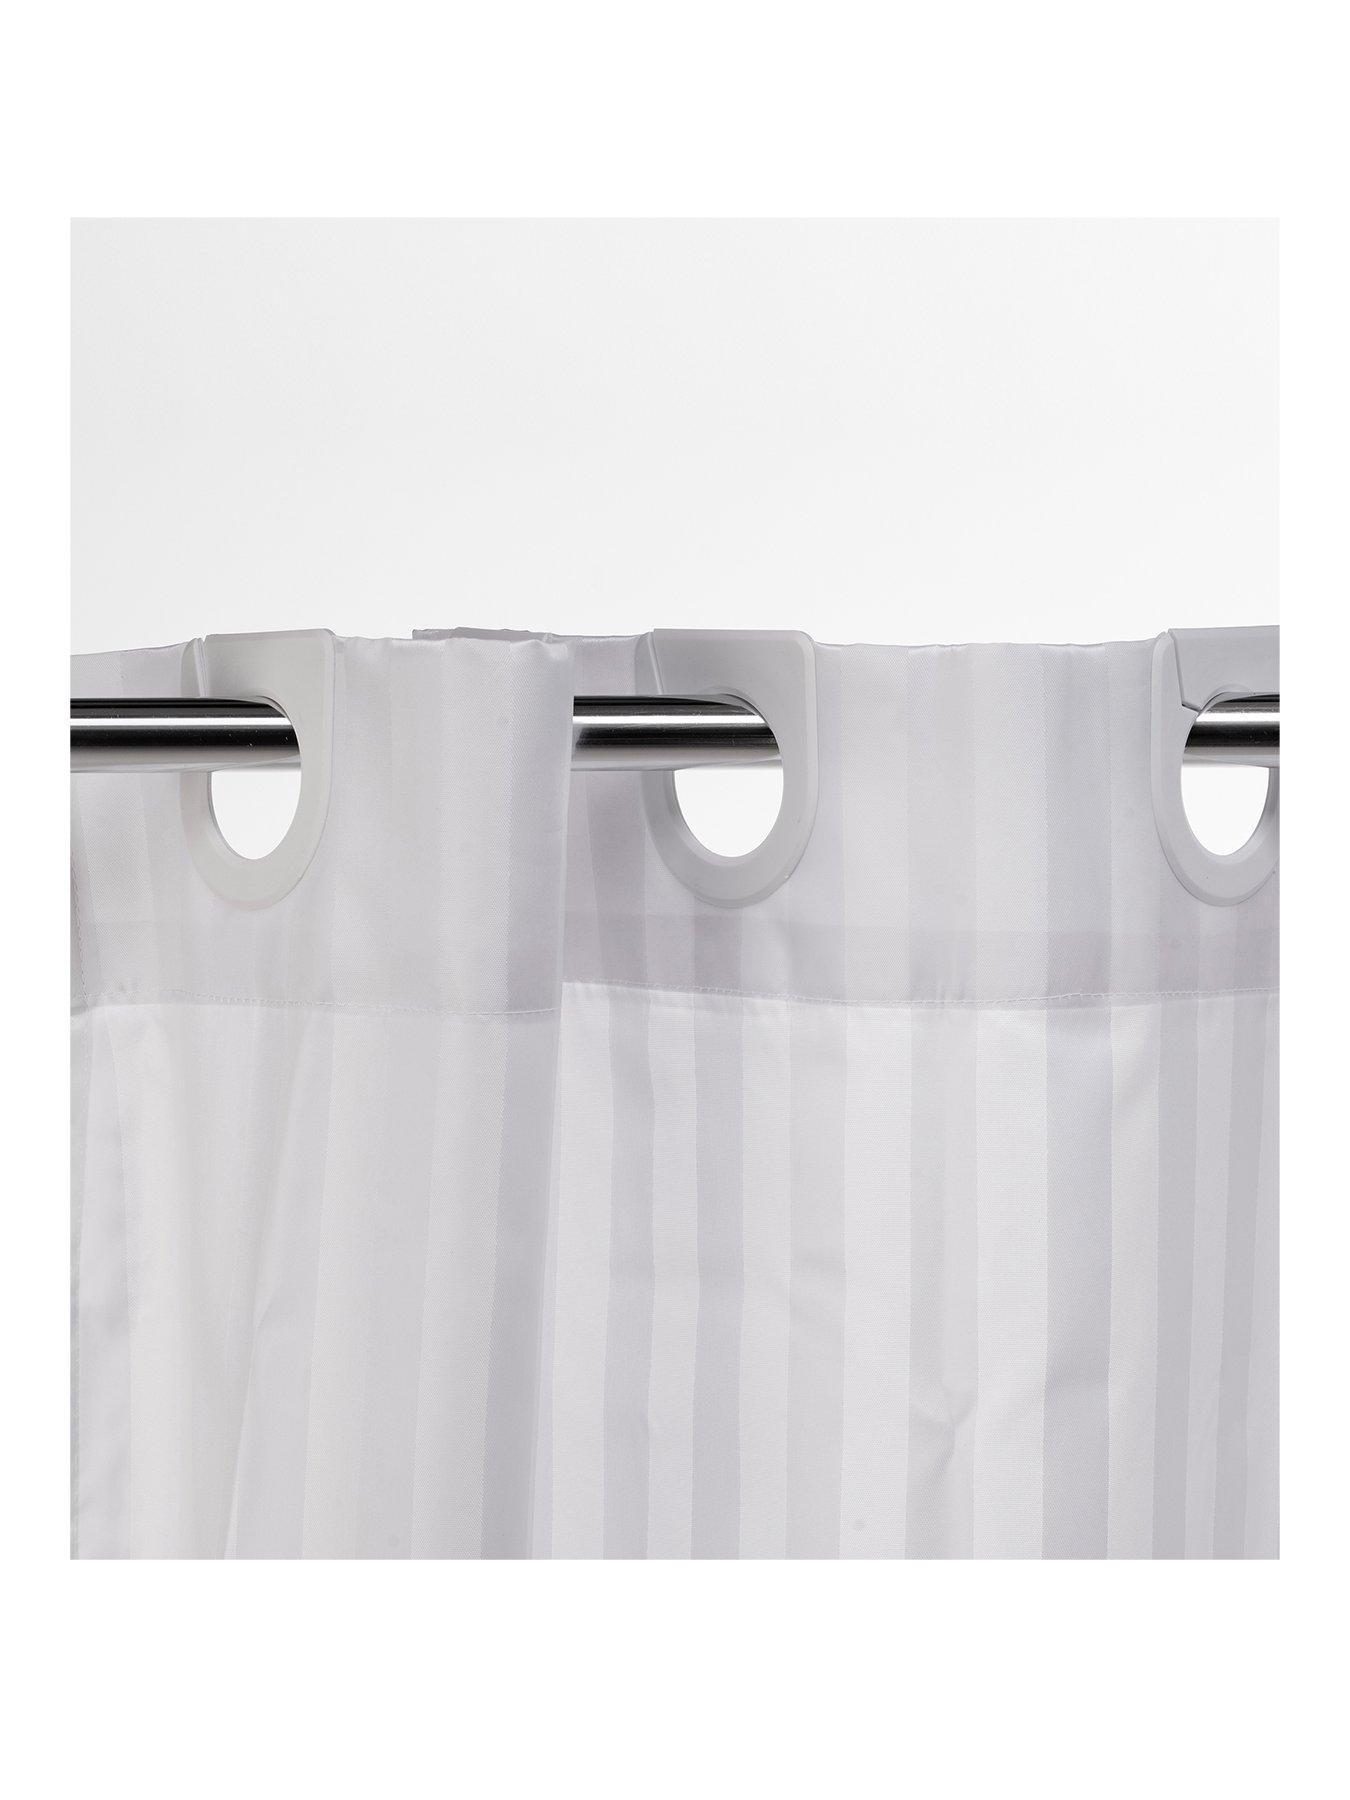 Everyday Living Shower Curtain Rings 12 Metal Rings NIP  UP-6